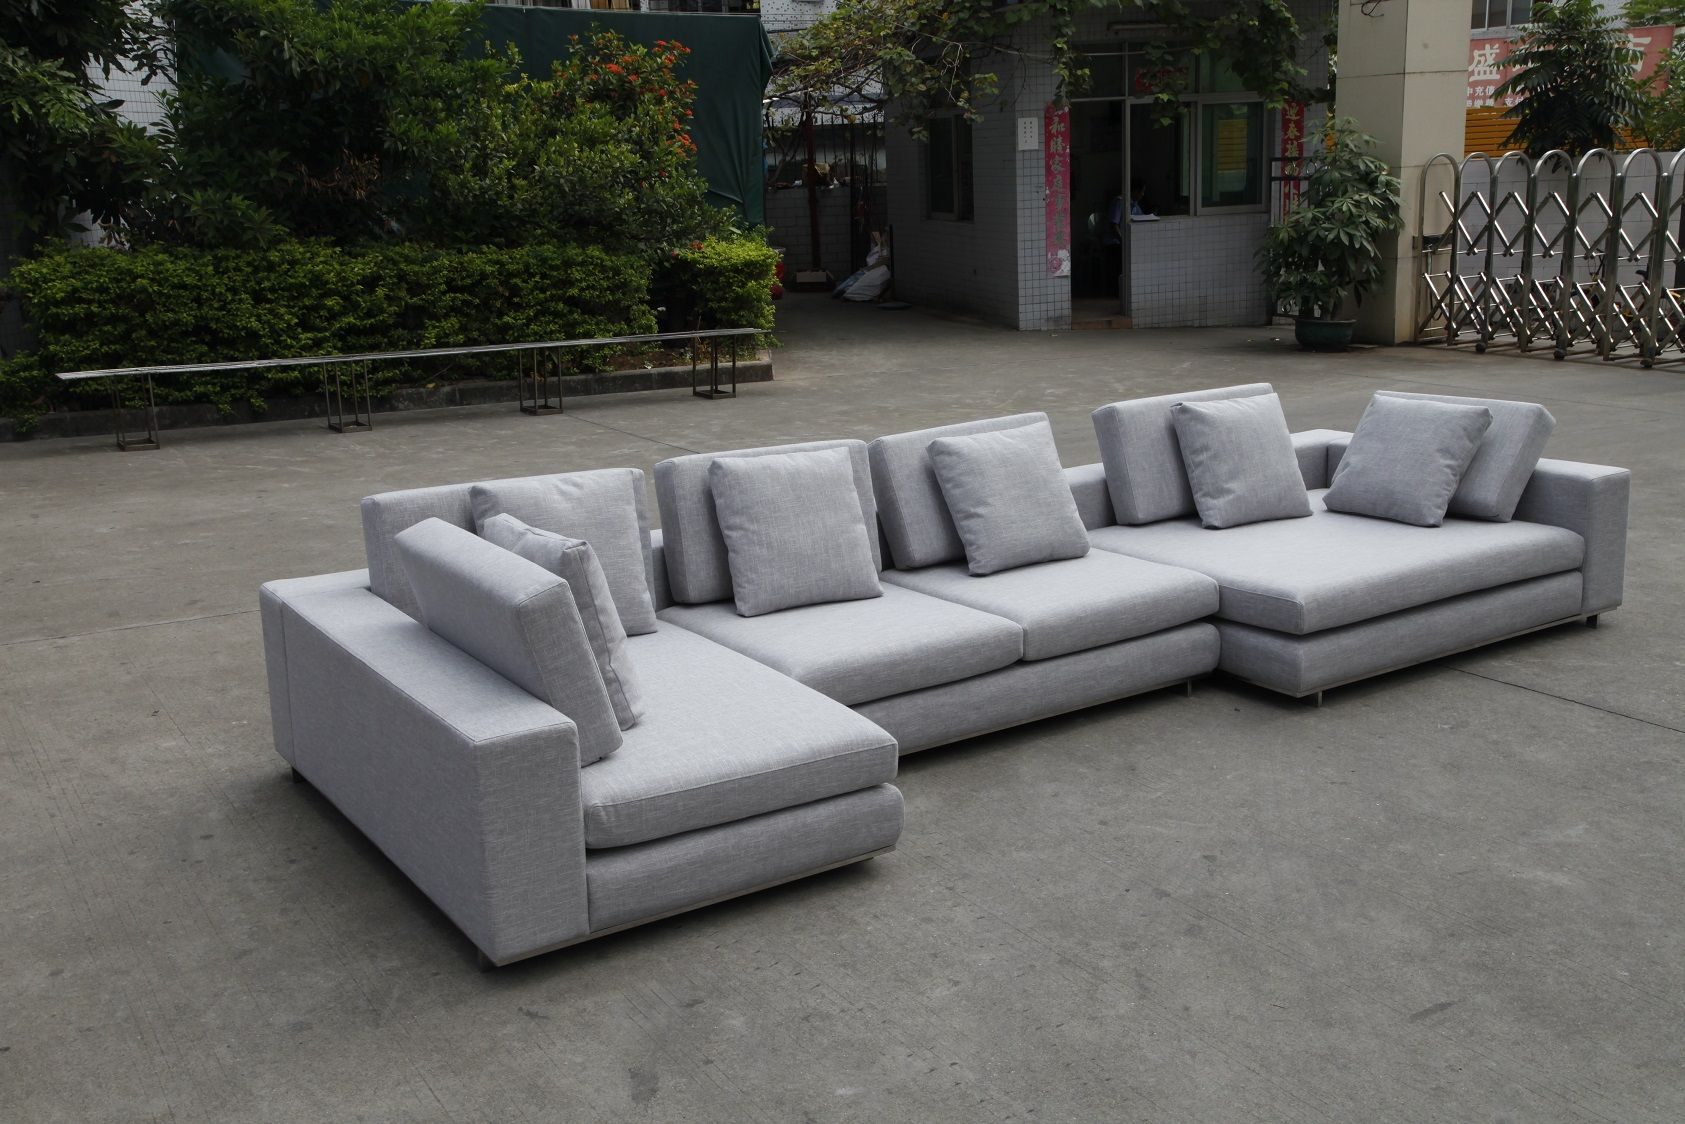 minotti hamilton modular sofa replica for sale sections in different rh pinterest com